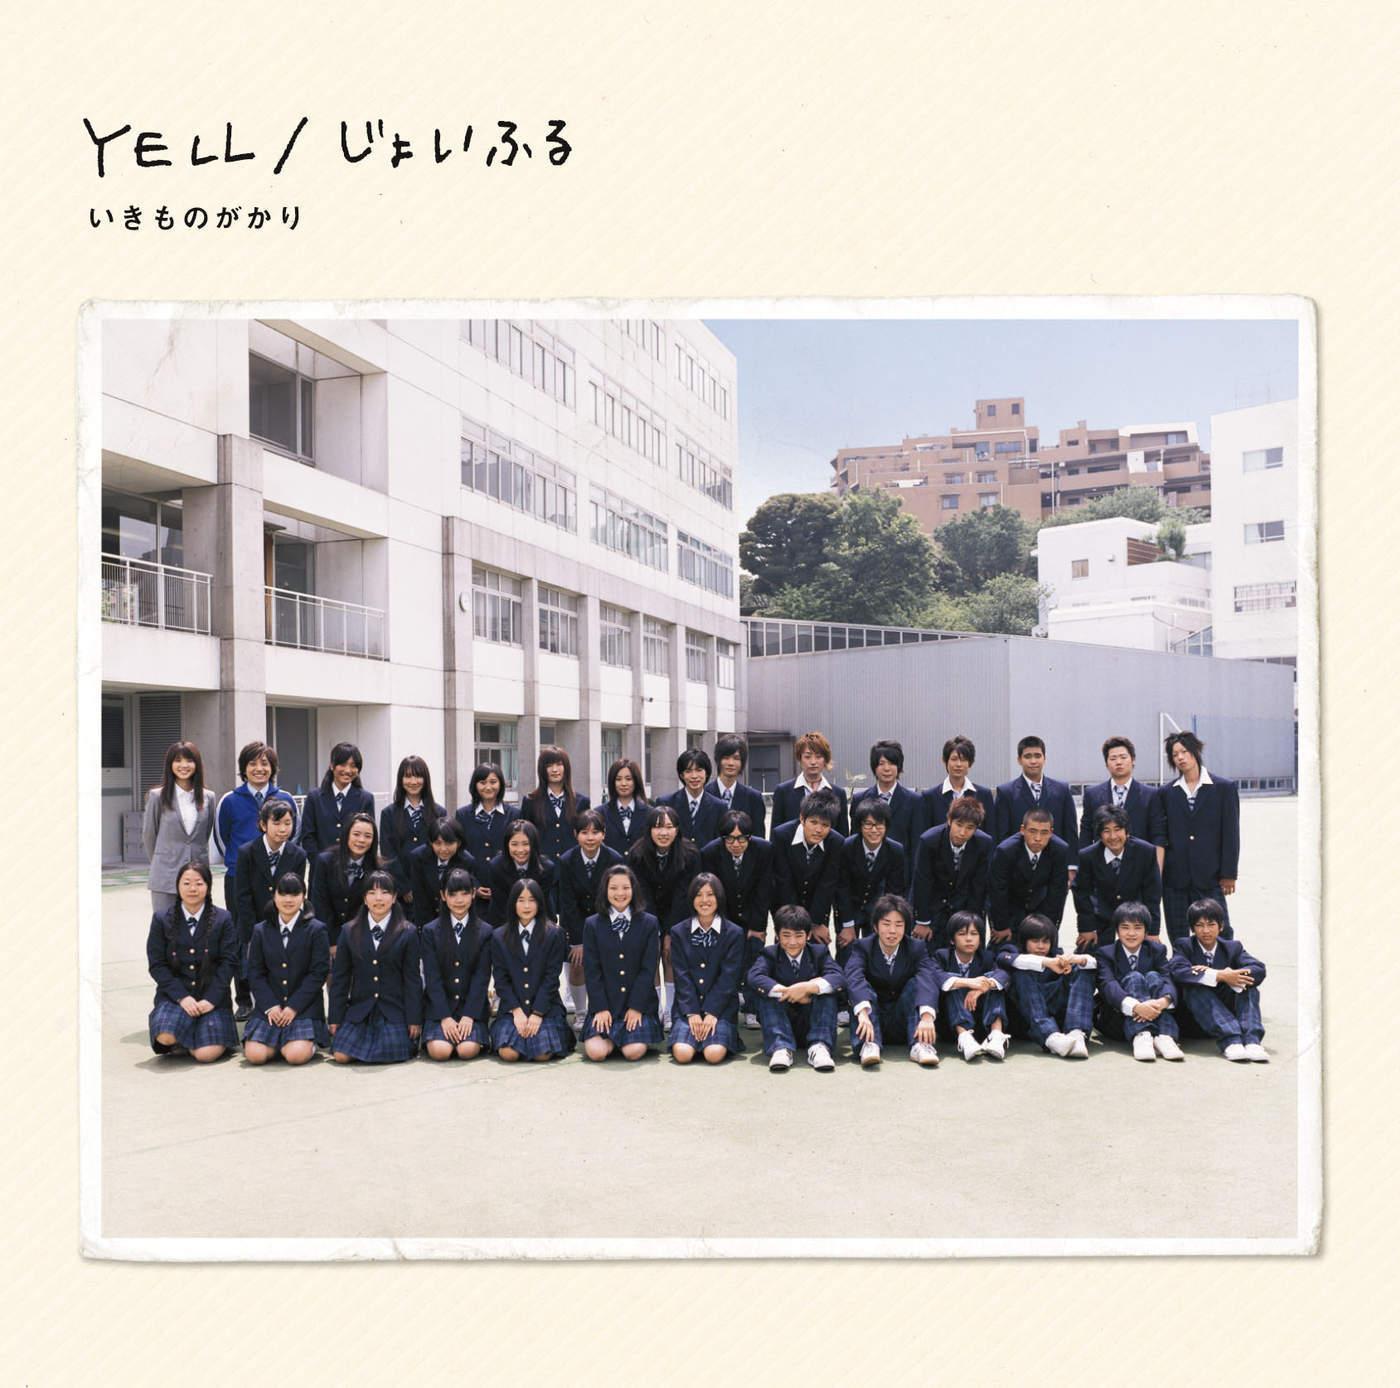 いきものがかり 15thシングル『YELL/じょいふる』(2009年9月23日発売) 高画質ジャケット画像